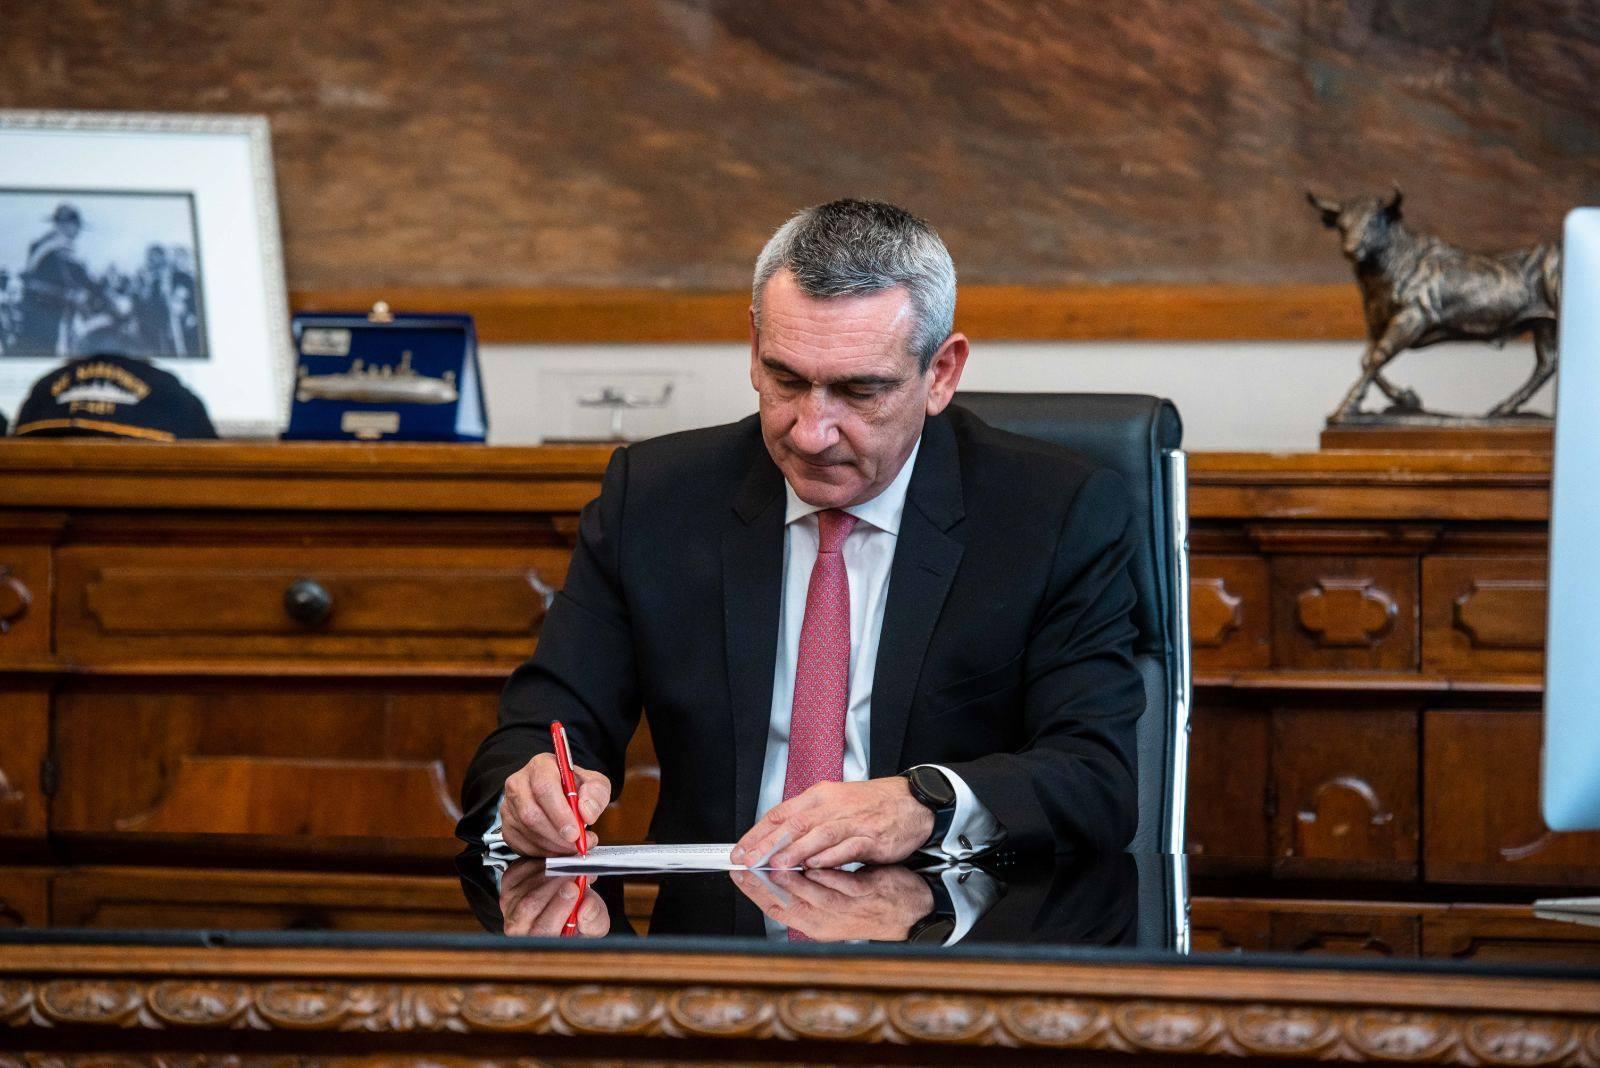 Έργα αντιπλημμυρικής προστασίας, ύψους 0,6 εκατ. ευρώ στο νησί της Πάρου, για την τριετία 2021 – 2023